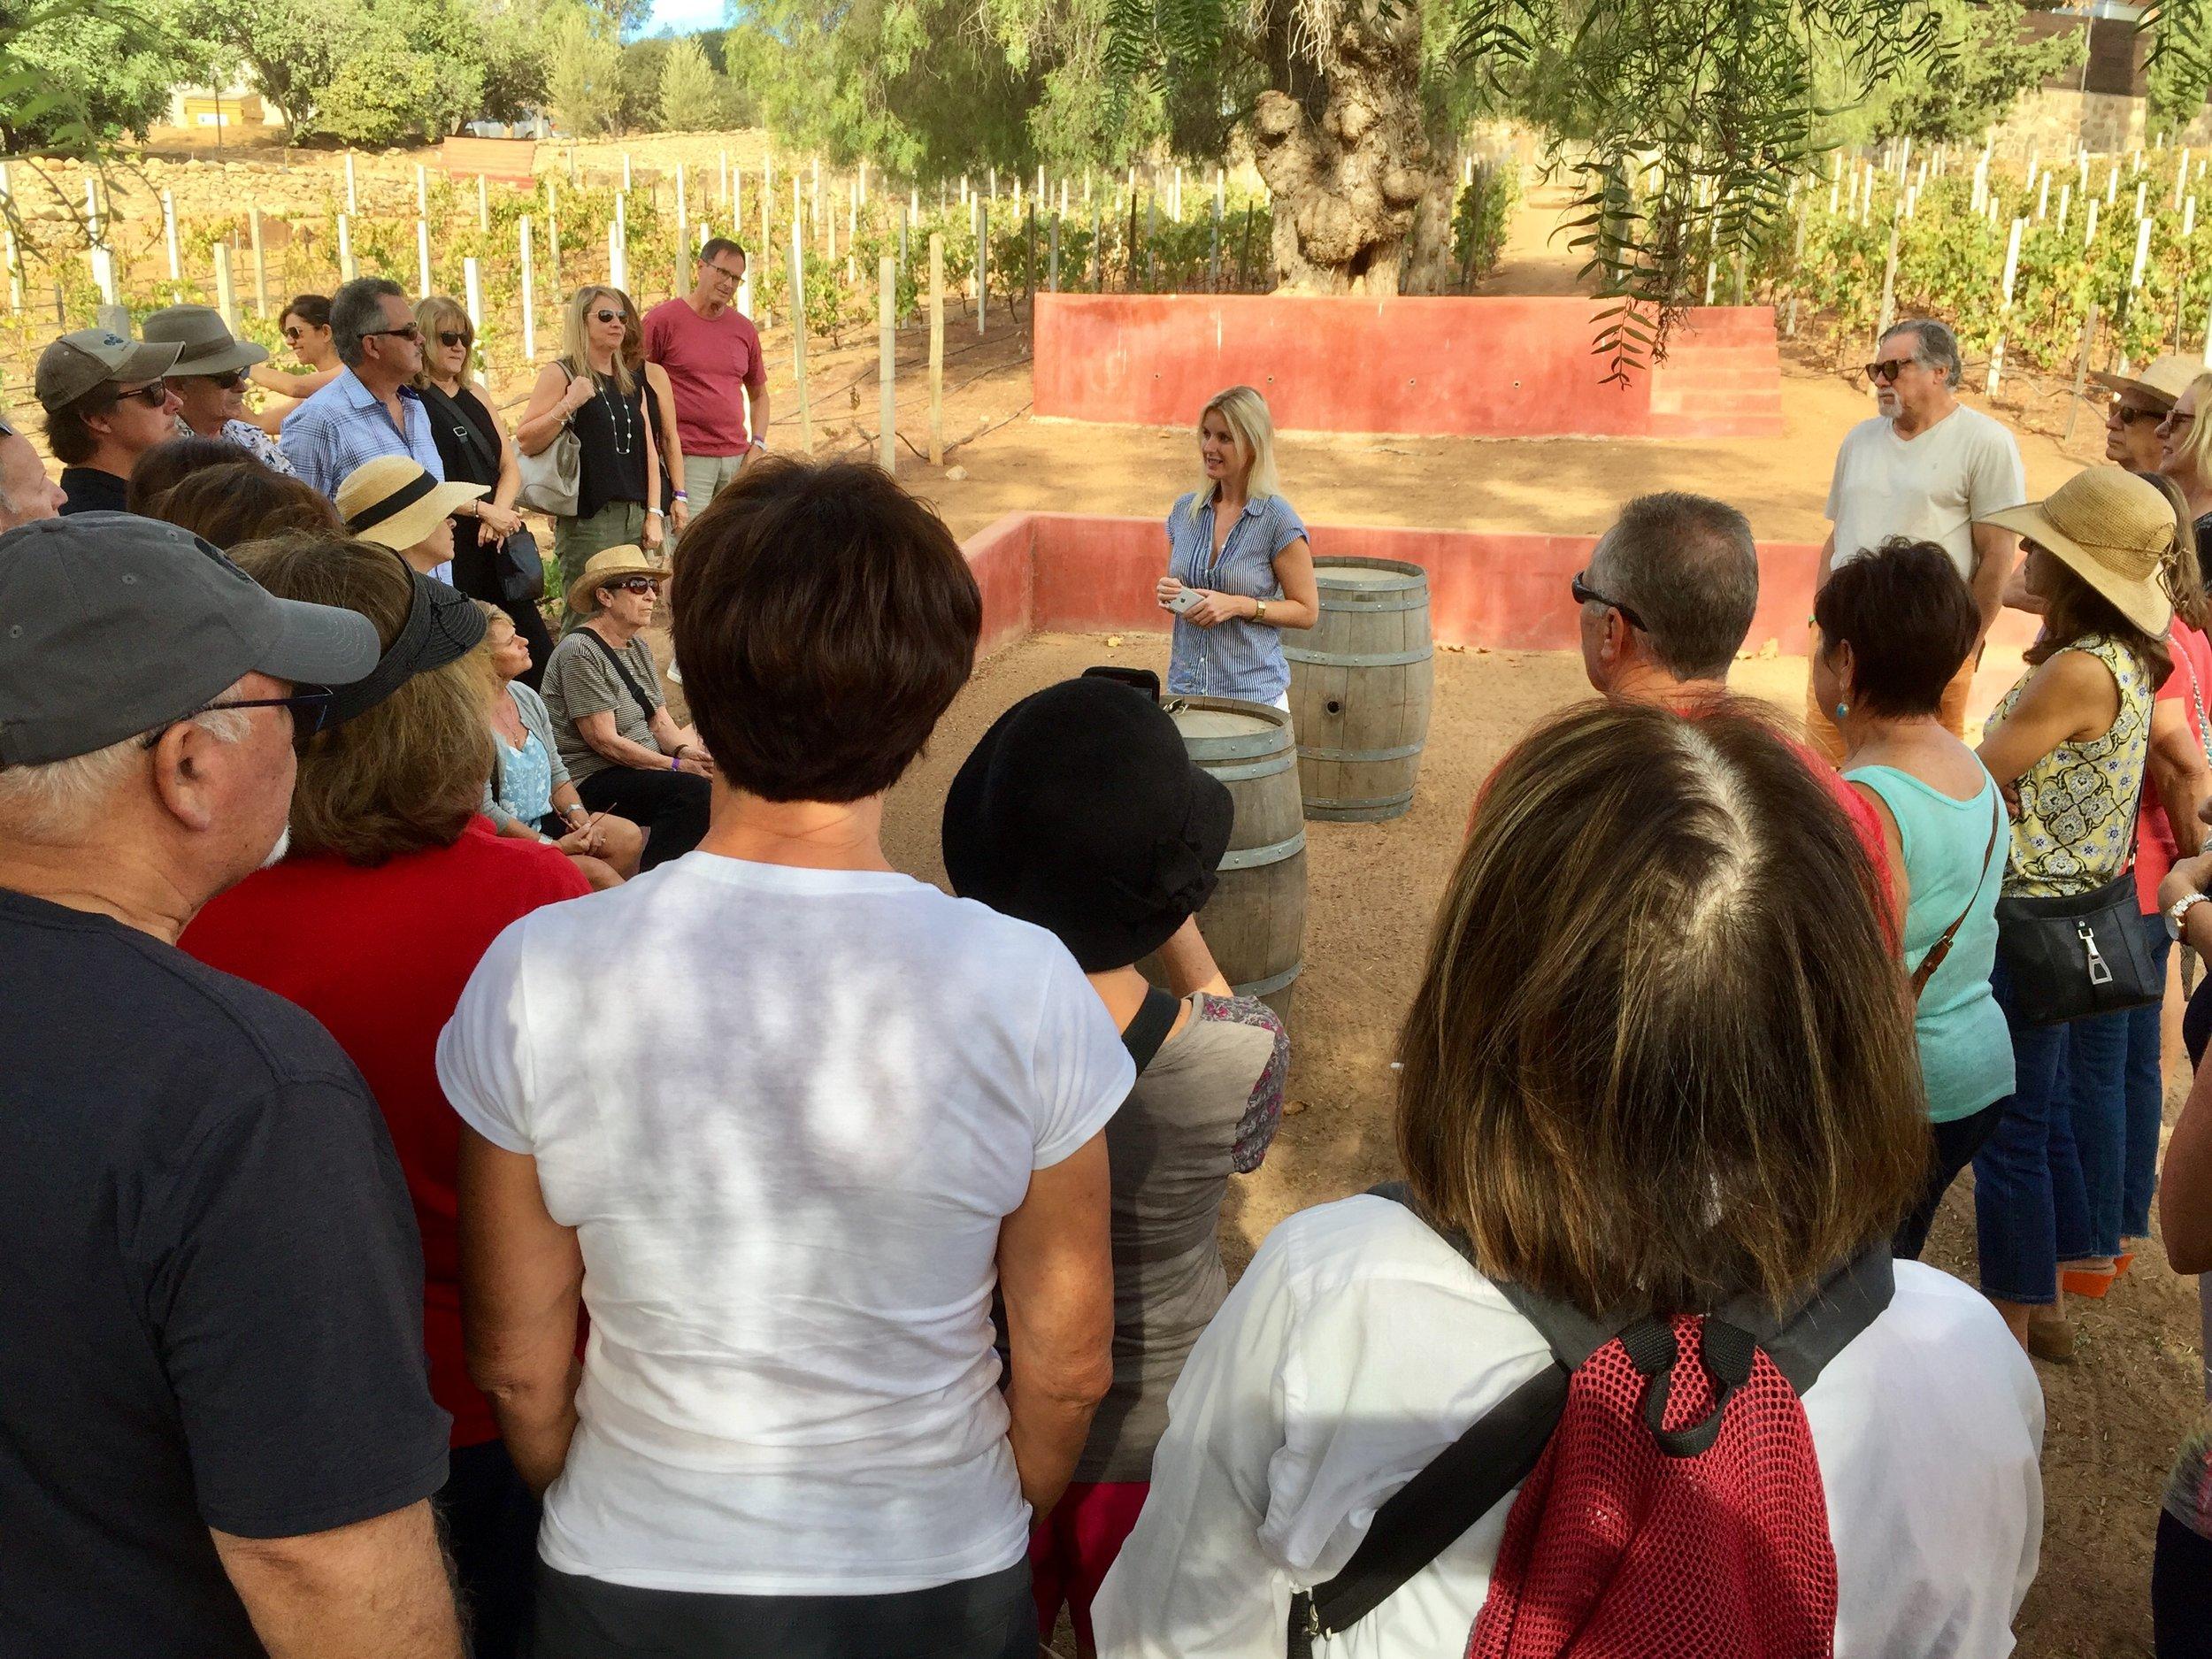 Petra in the vineyards at Casa de Piedra